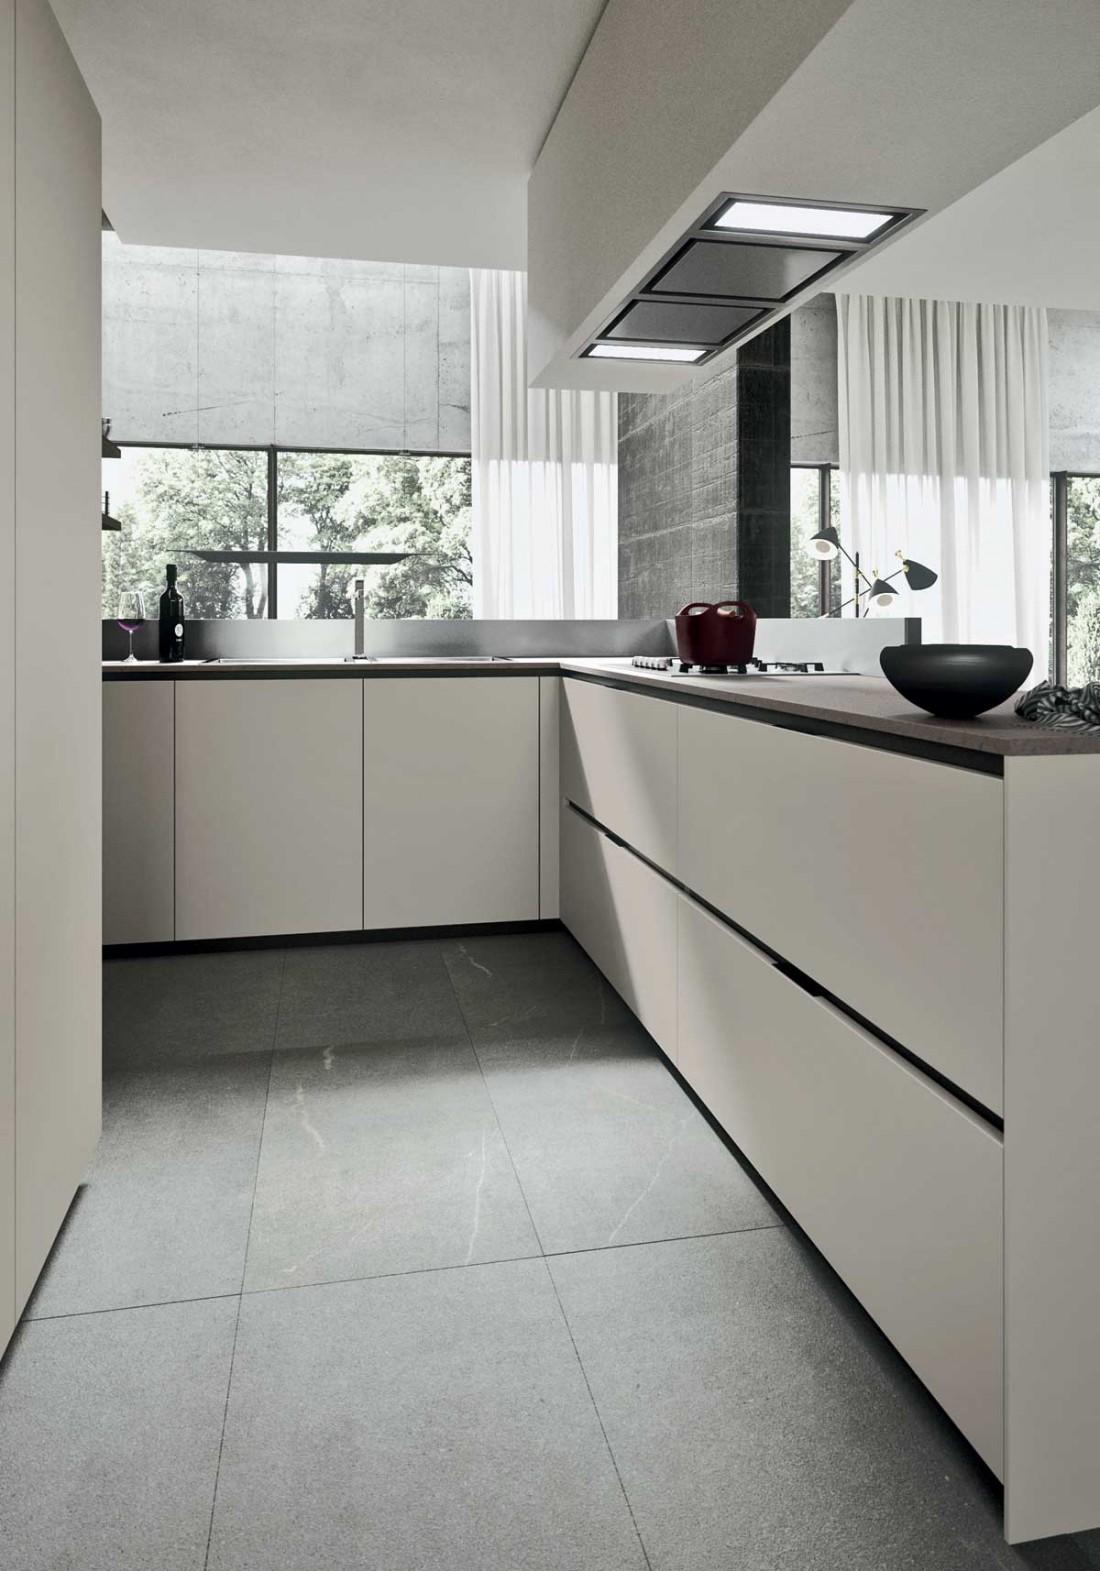 Cucina a vista design monza e brianza - Cucine a vista ...